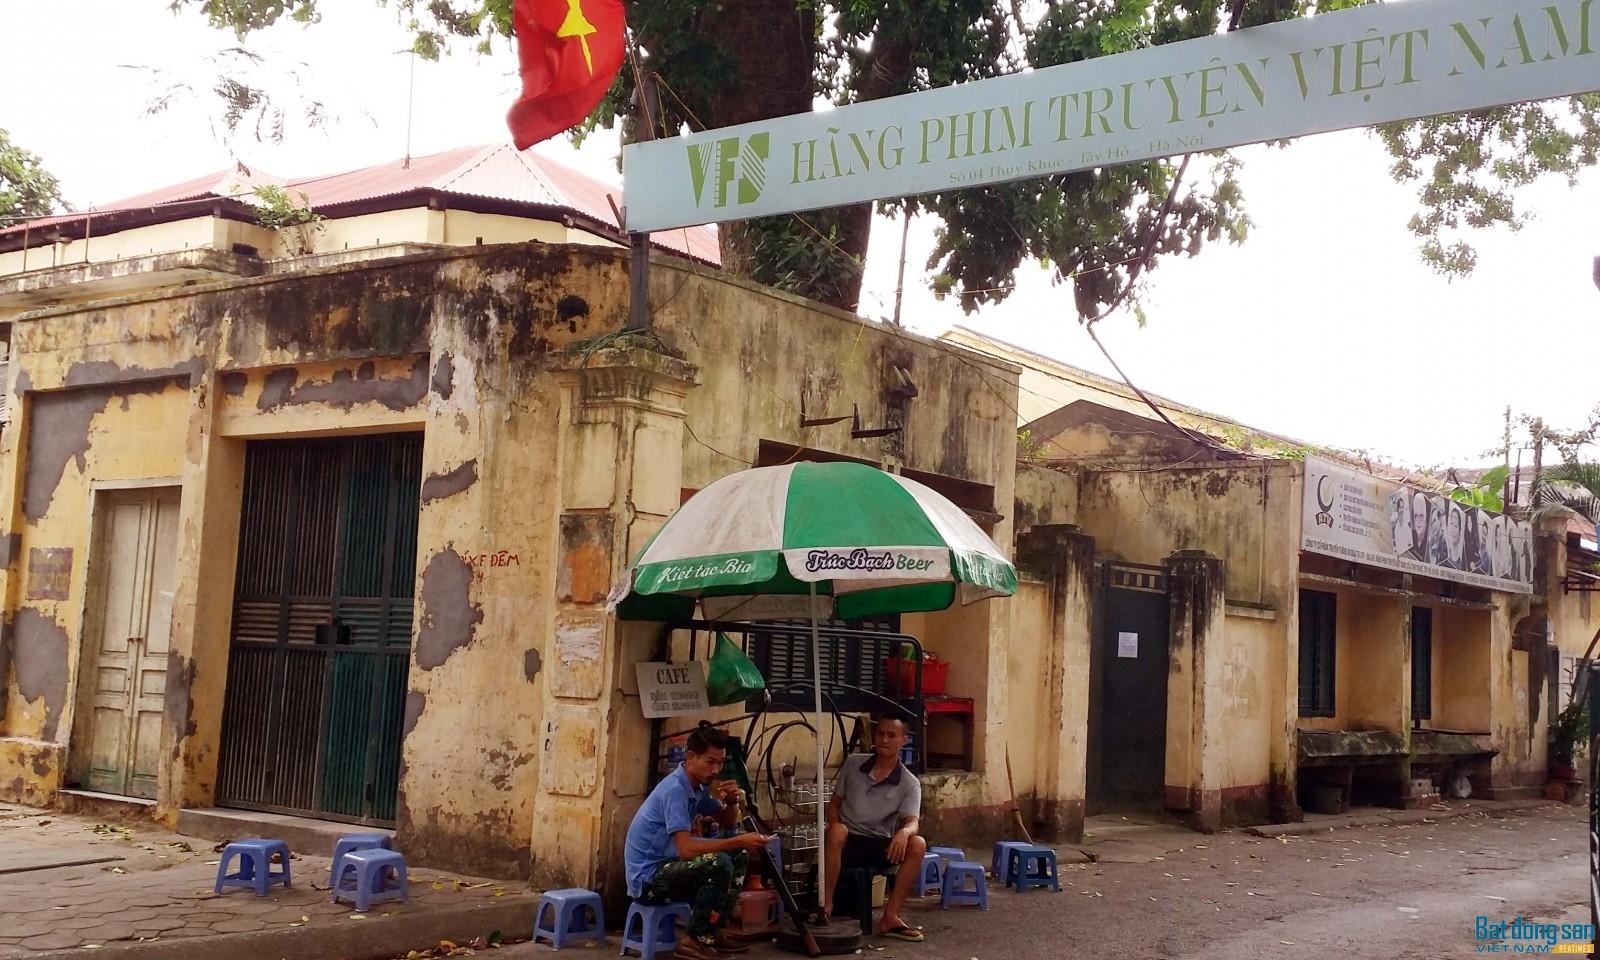 Hãng phim Truyện Việt Nam. Ảnh: Tuấn Minh